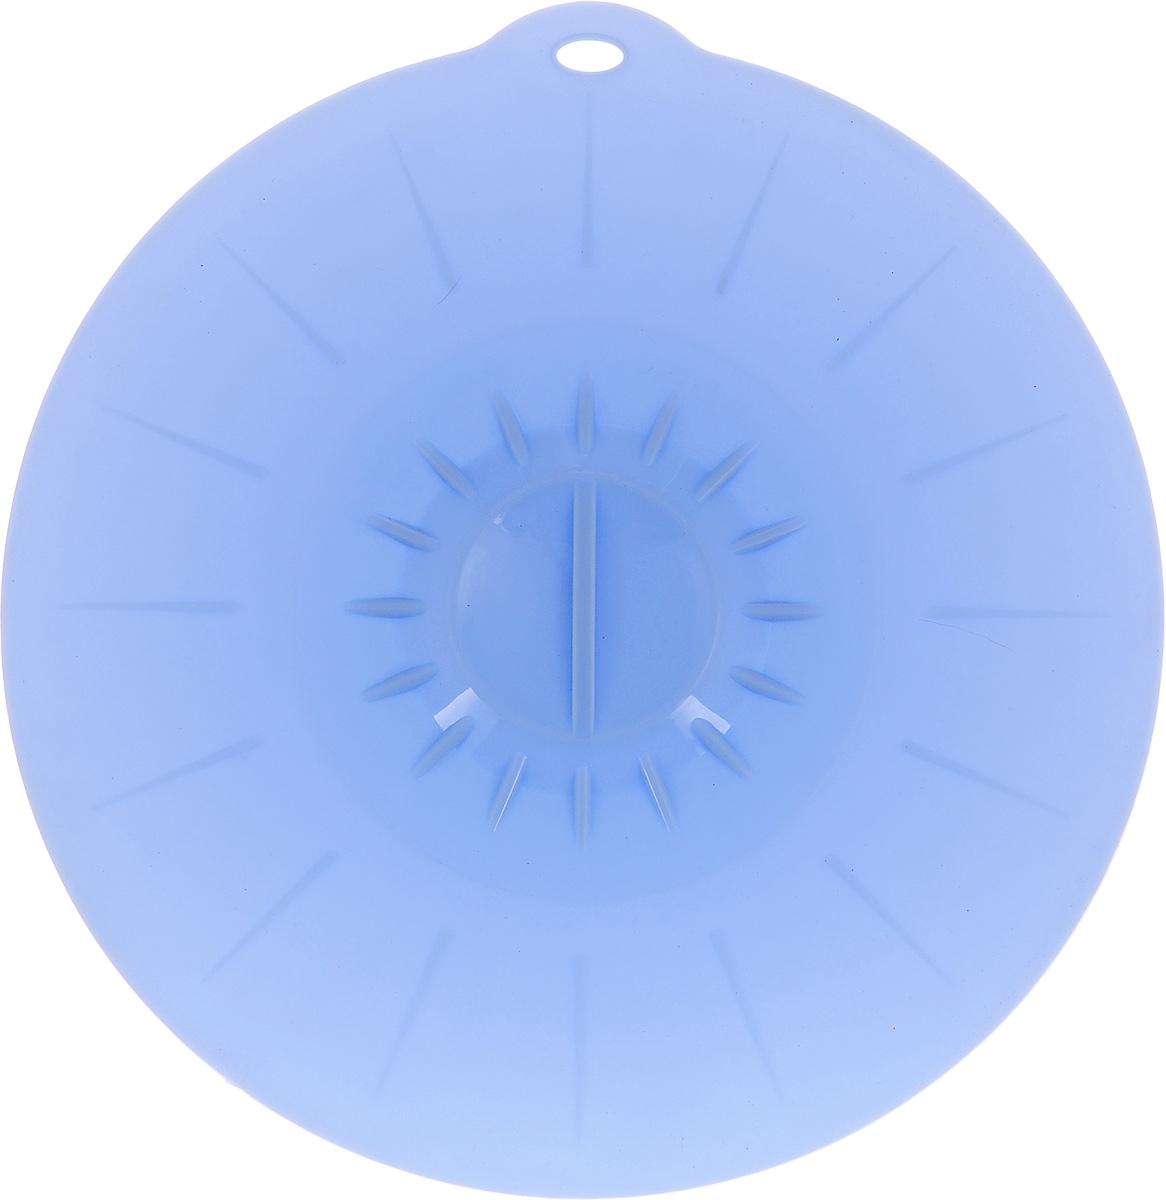 Крышка вакуумная Идея, силиконовая, цвет: голубой. Диаметр 26 смKRY-26_голубойВакуумная крышка Идея, выполненная из пищевого силикона, предназначена для герметичного закрытия любой посуды. Крышка плотно прилегает к краям емкости, ограничивая доступ воздуха внутрь, благодаря этому ваши продукты останутся свежими гораздо дольше. Основные свойства: - выдерживает температуру от -40°С до +240°С, - невозможно разбить, - легко моется, - не деформируется при хранении в свернутом виде, - имеет долгий срок службы, сохраняя свой первоначальный вид, - не выделяет вредных веществ при нагревании или охлаждении, - не впитывает запахи, - не вступает в химическую реакцию с продуктами, - безопасна при использовании в микроволновой печи, в духовке и морозильной камере. Такая крышка станет незаменимым помощником на вашей кухне.